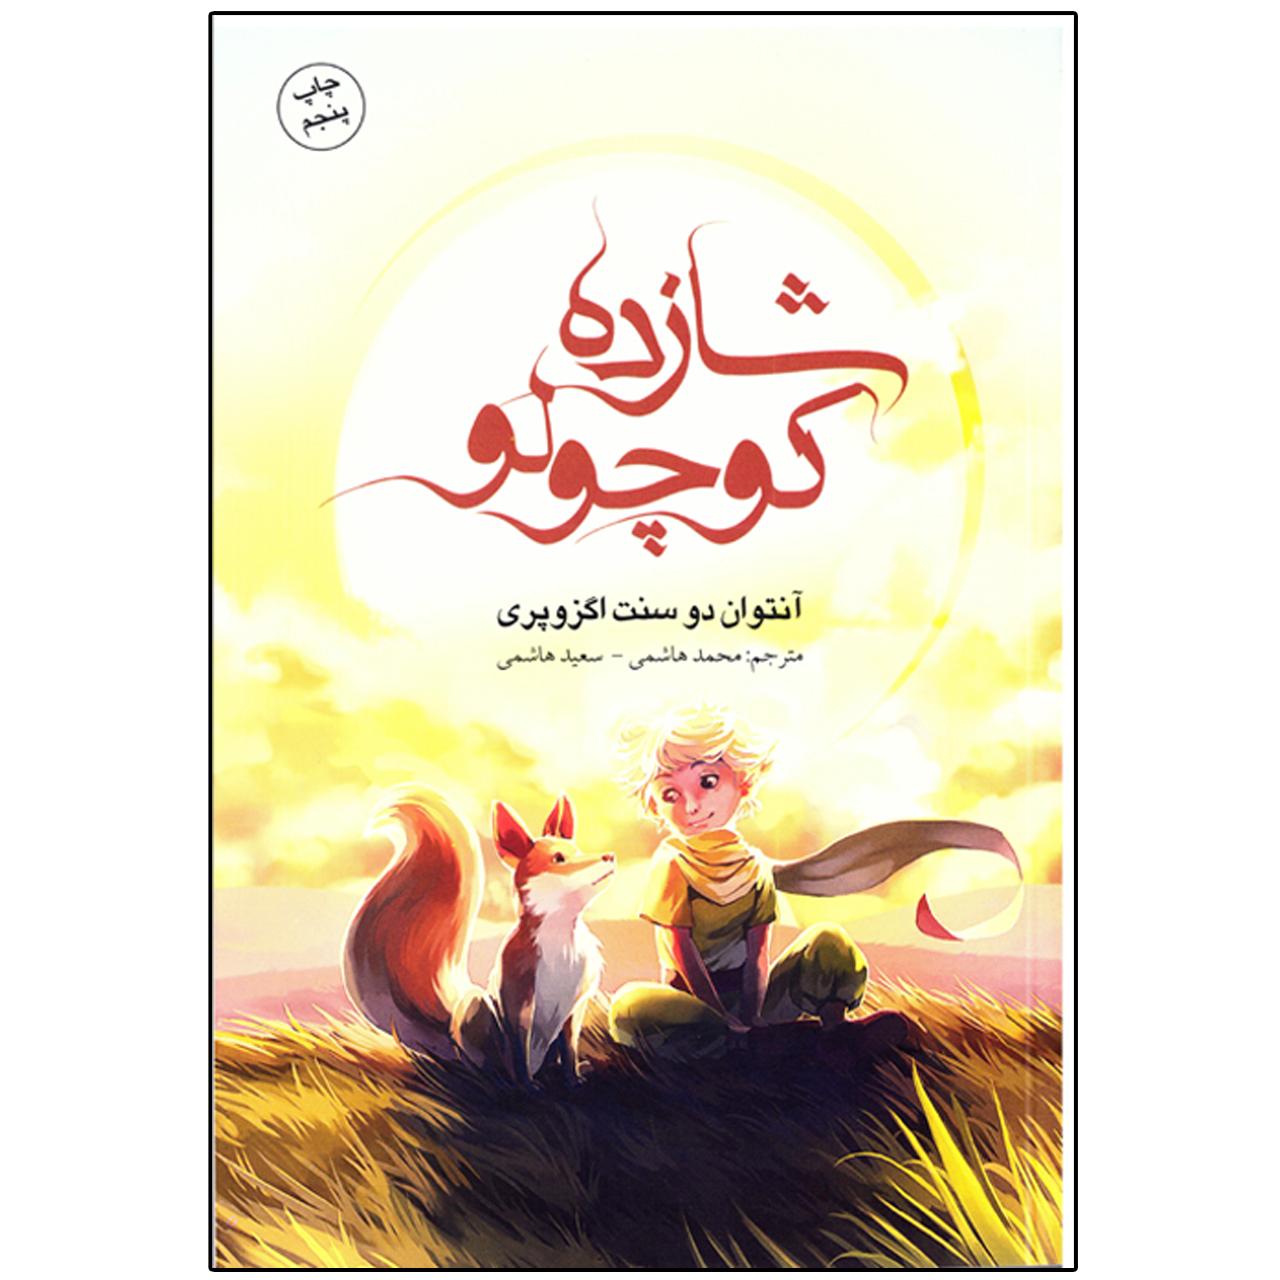 خرید                      کتاب رمان شازده کوچولو اثر آنتوان دو سنت اگزوپری